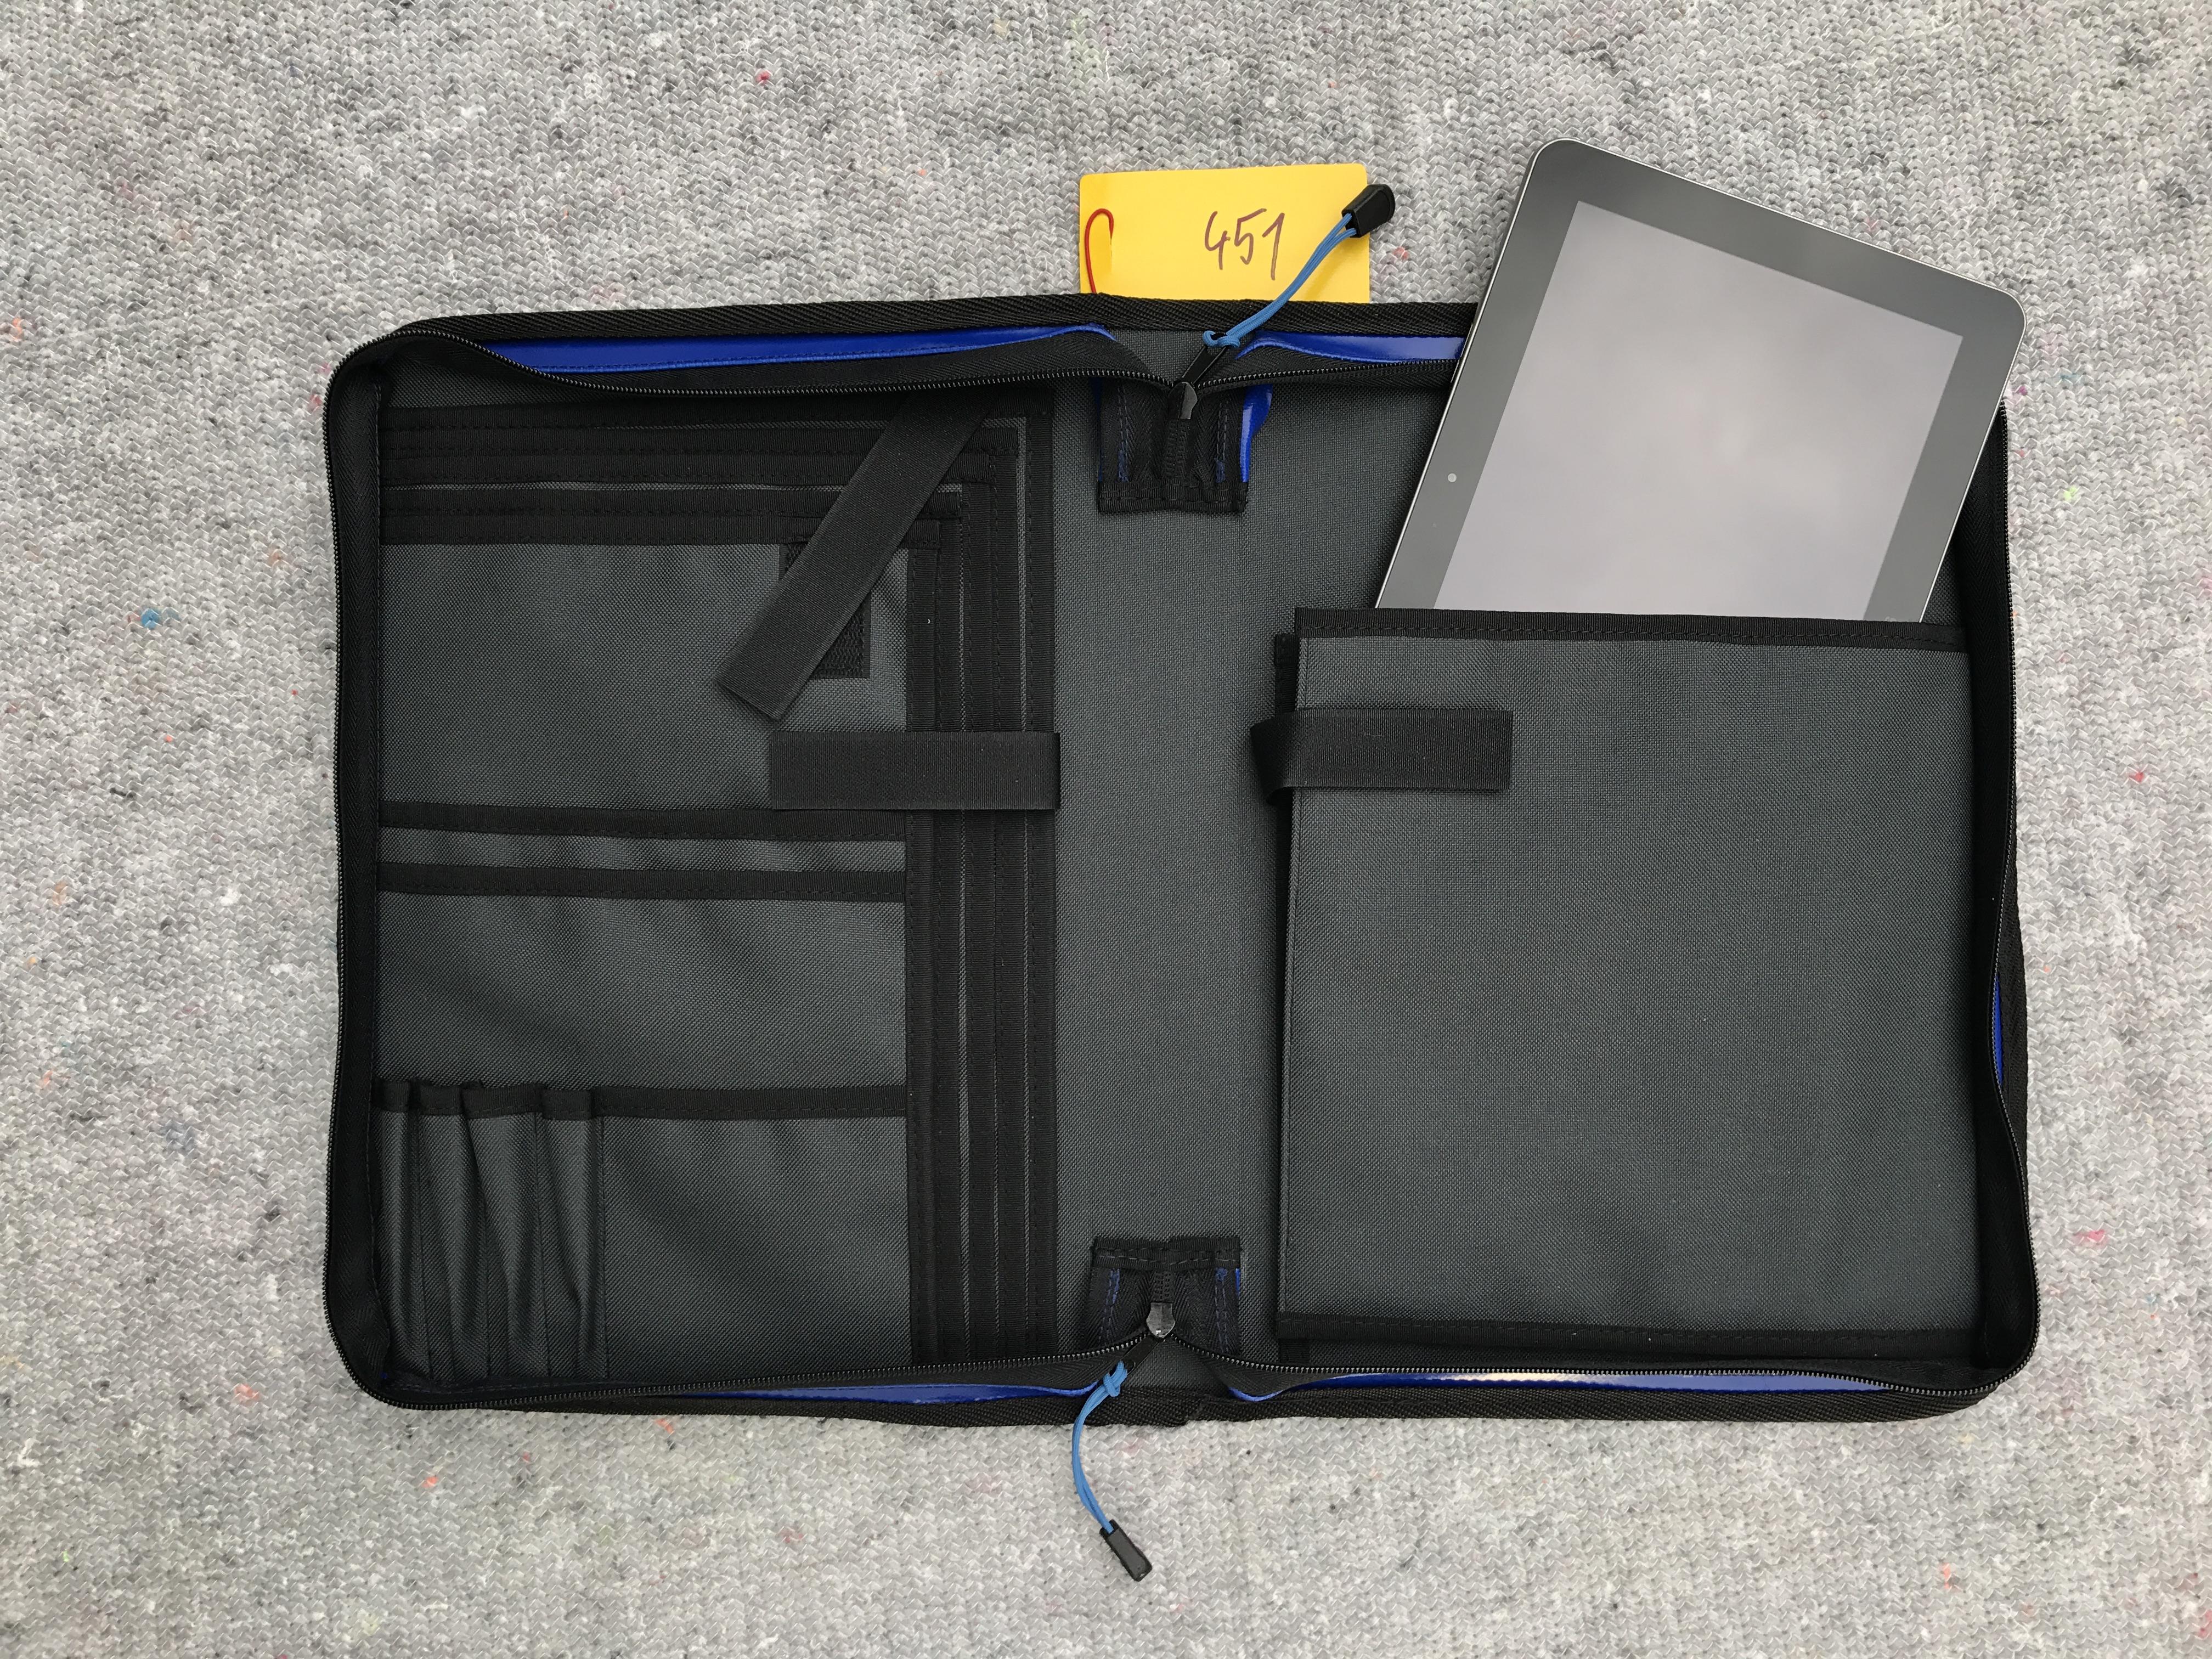 Tablettasche, Tabletorganizer, Dokumententasche, Einsatzleitertasche, Organizer, DIN A4, ca. 5cm Rückenbreite, blau